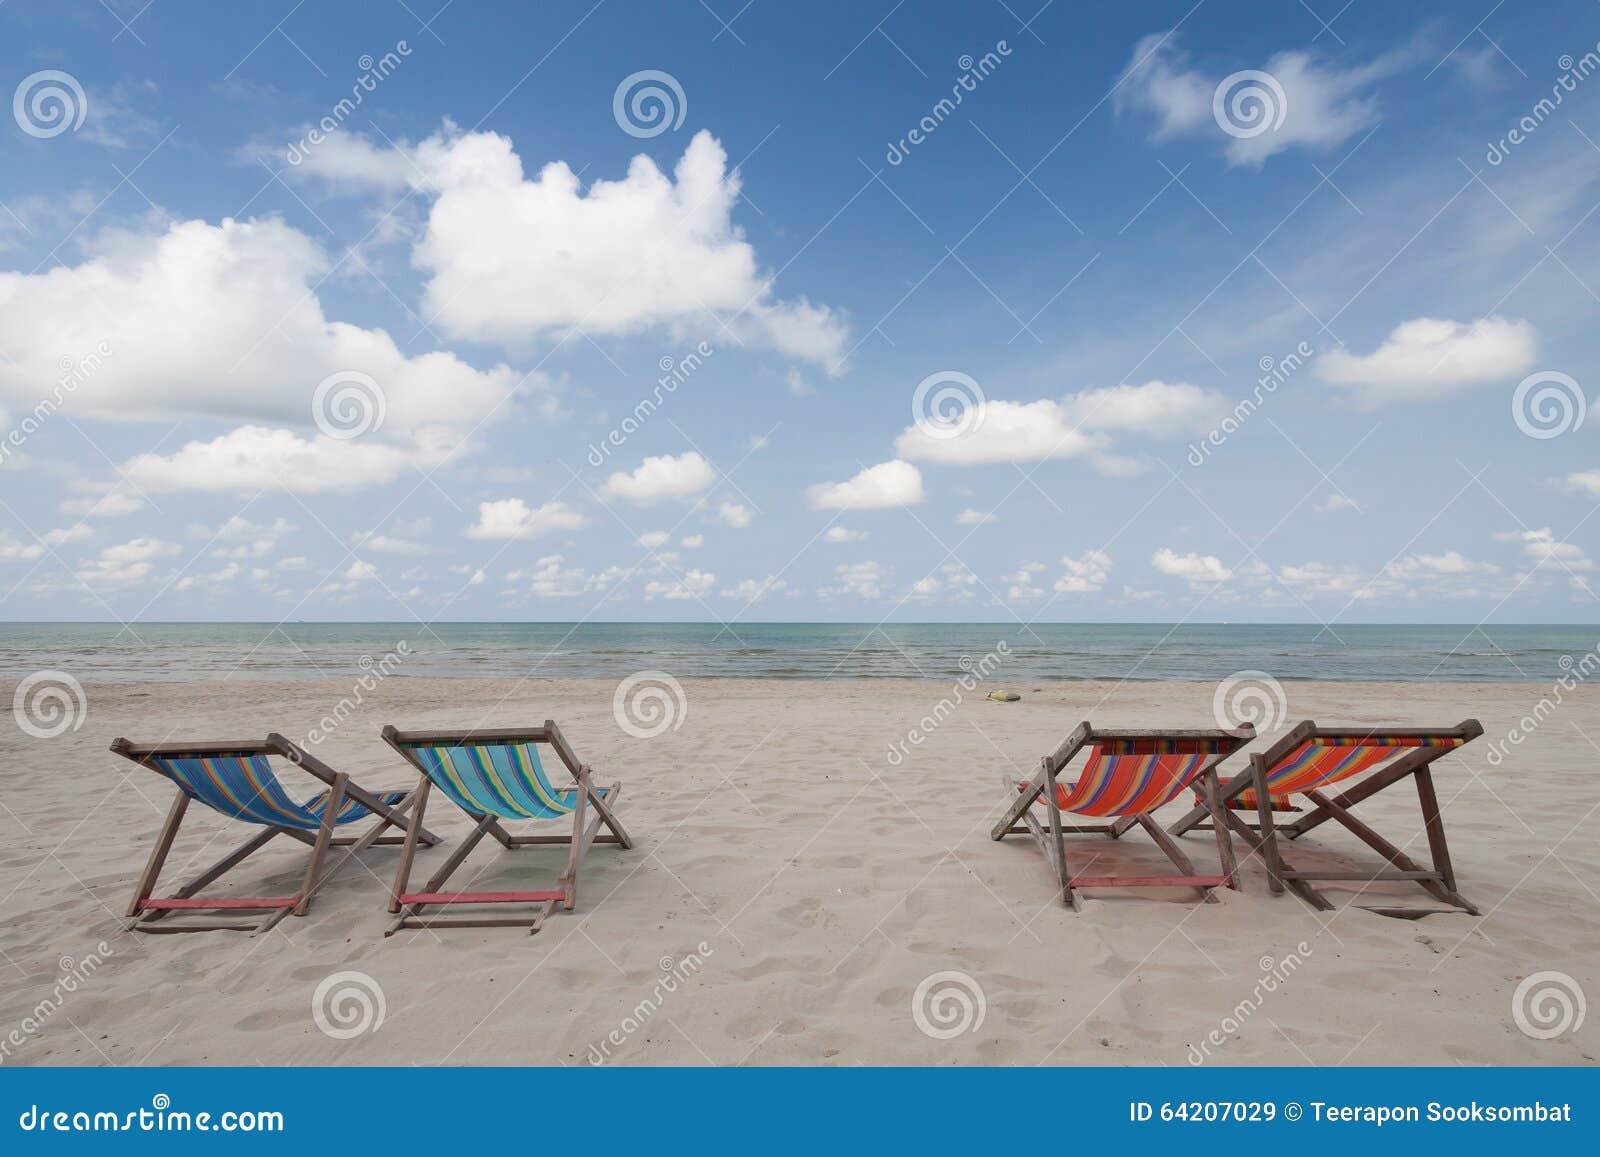 Sillas de playa en la playa blanca de la arena